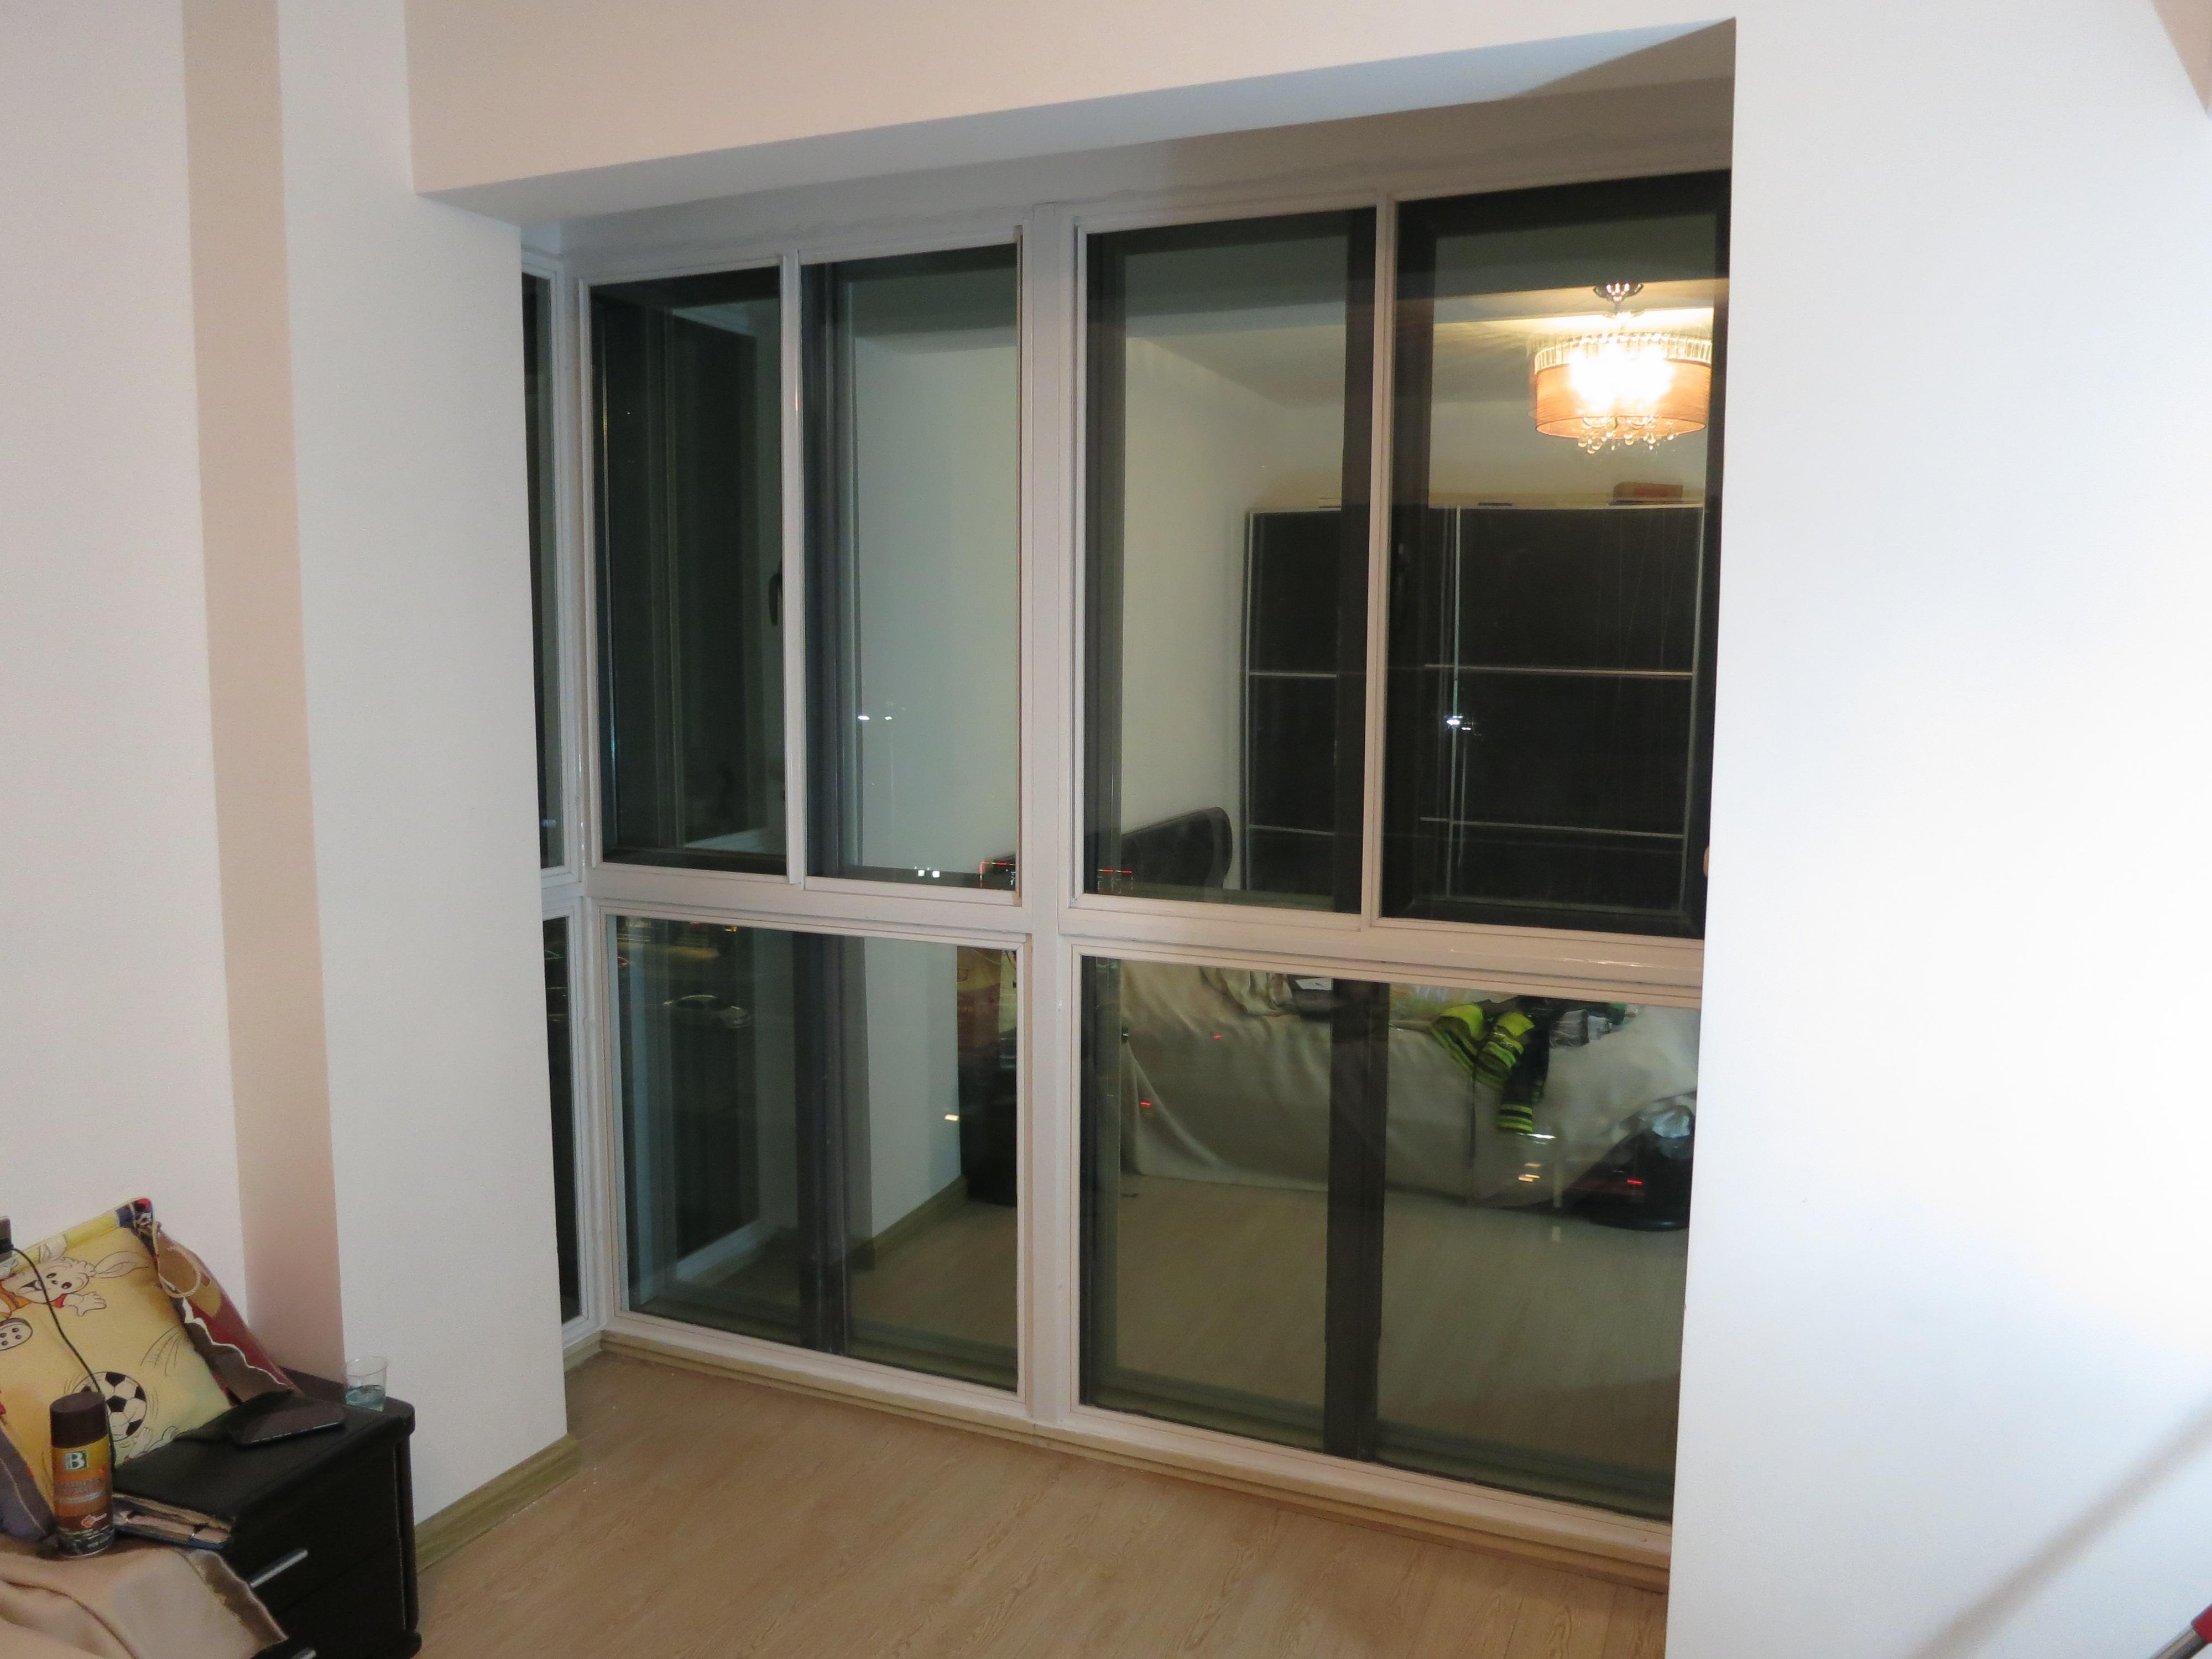 静立方隔音窗,武汉静立方隔音窗为您服务-- 泉州静立方商贸有限公司